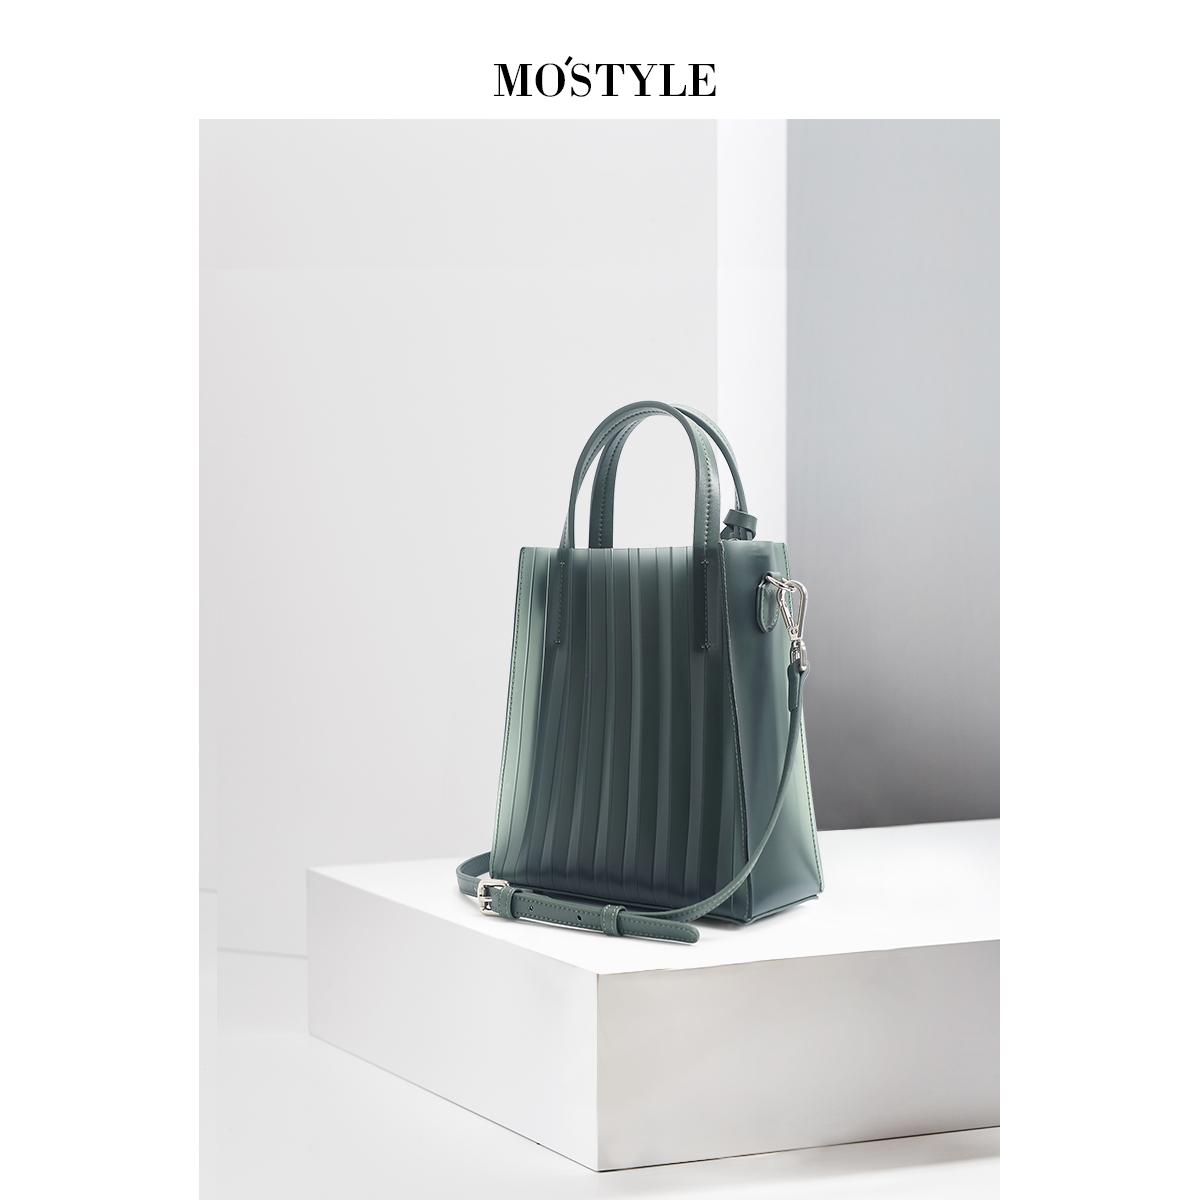 绿色手提包 新款2020绿色透明真皮果冻包包女斜挎个性单肩百搭手提网红同款潮_推荐淘宝好看的绿色手提包